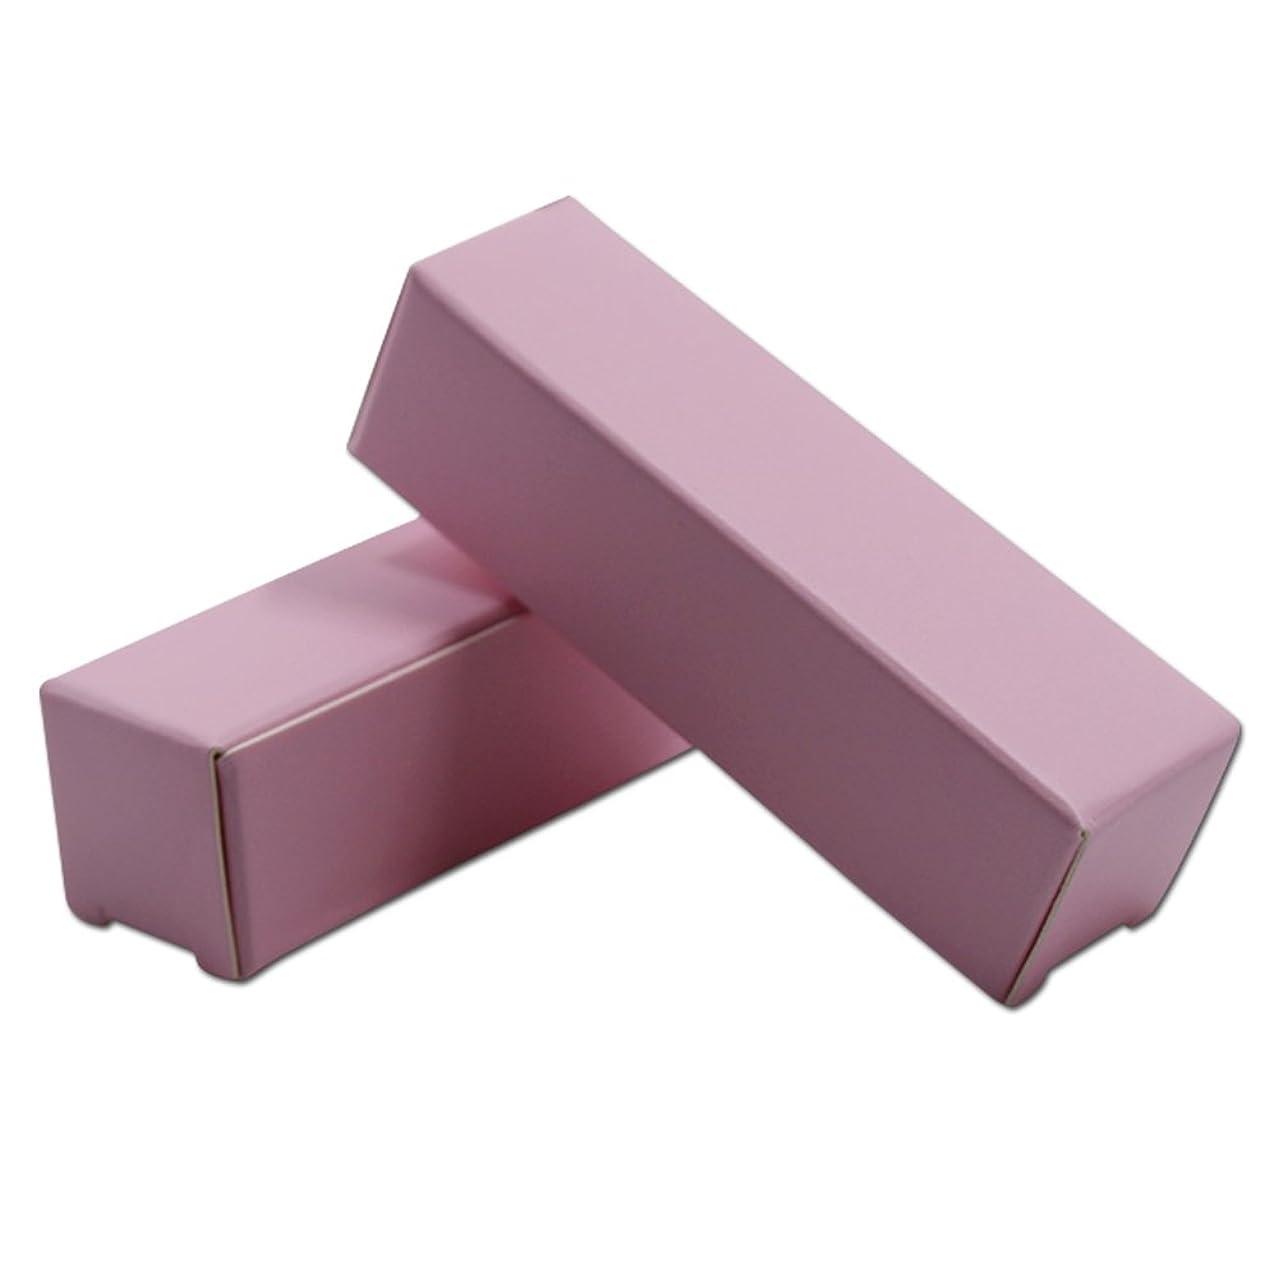 うっかりに向けて出発クスコ口紅 ケース DIY リサイクル可能 クラフト紙箱 リップスティック 折り畳み式 包装用化粧箱 メイクアップ ツールクラフト紙 エッセンシャルオイルクリームボトルギフト 100個 (ピンク) (2*2*8.5cm)